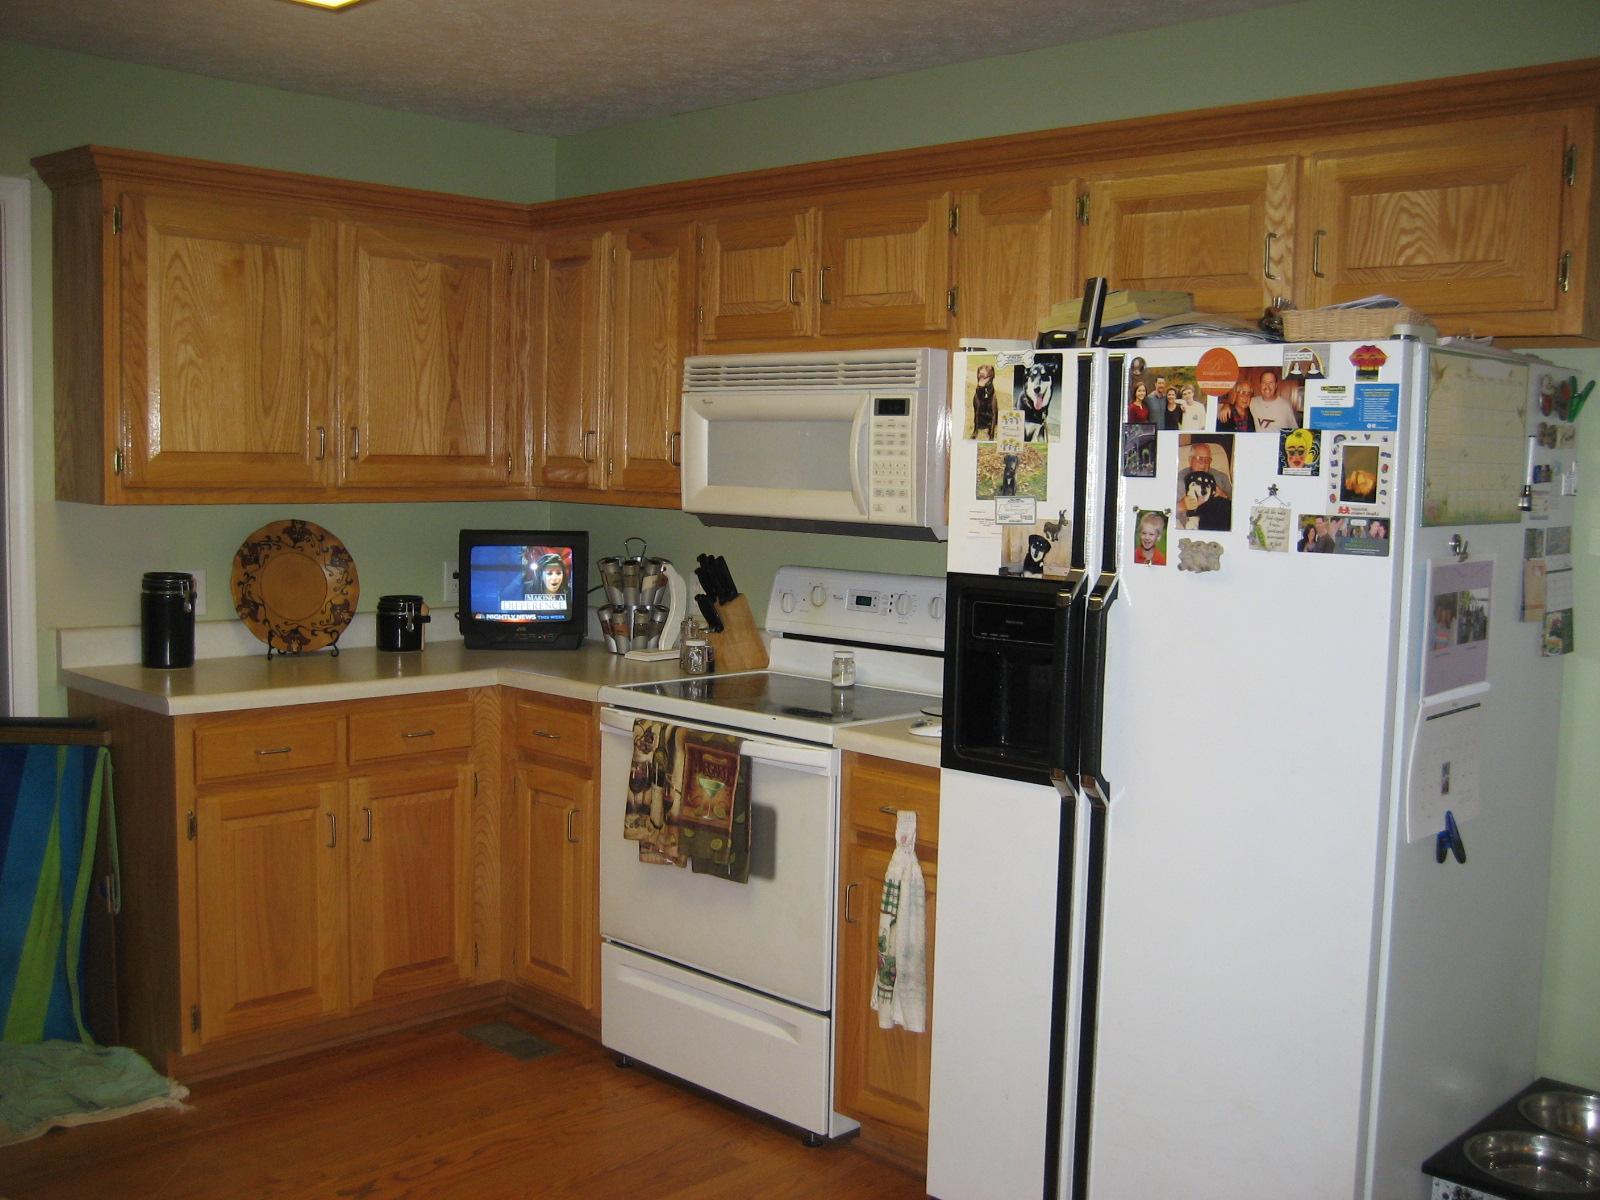 Patty's Kitchen Stove Wall